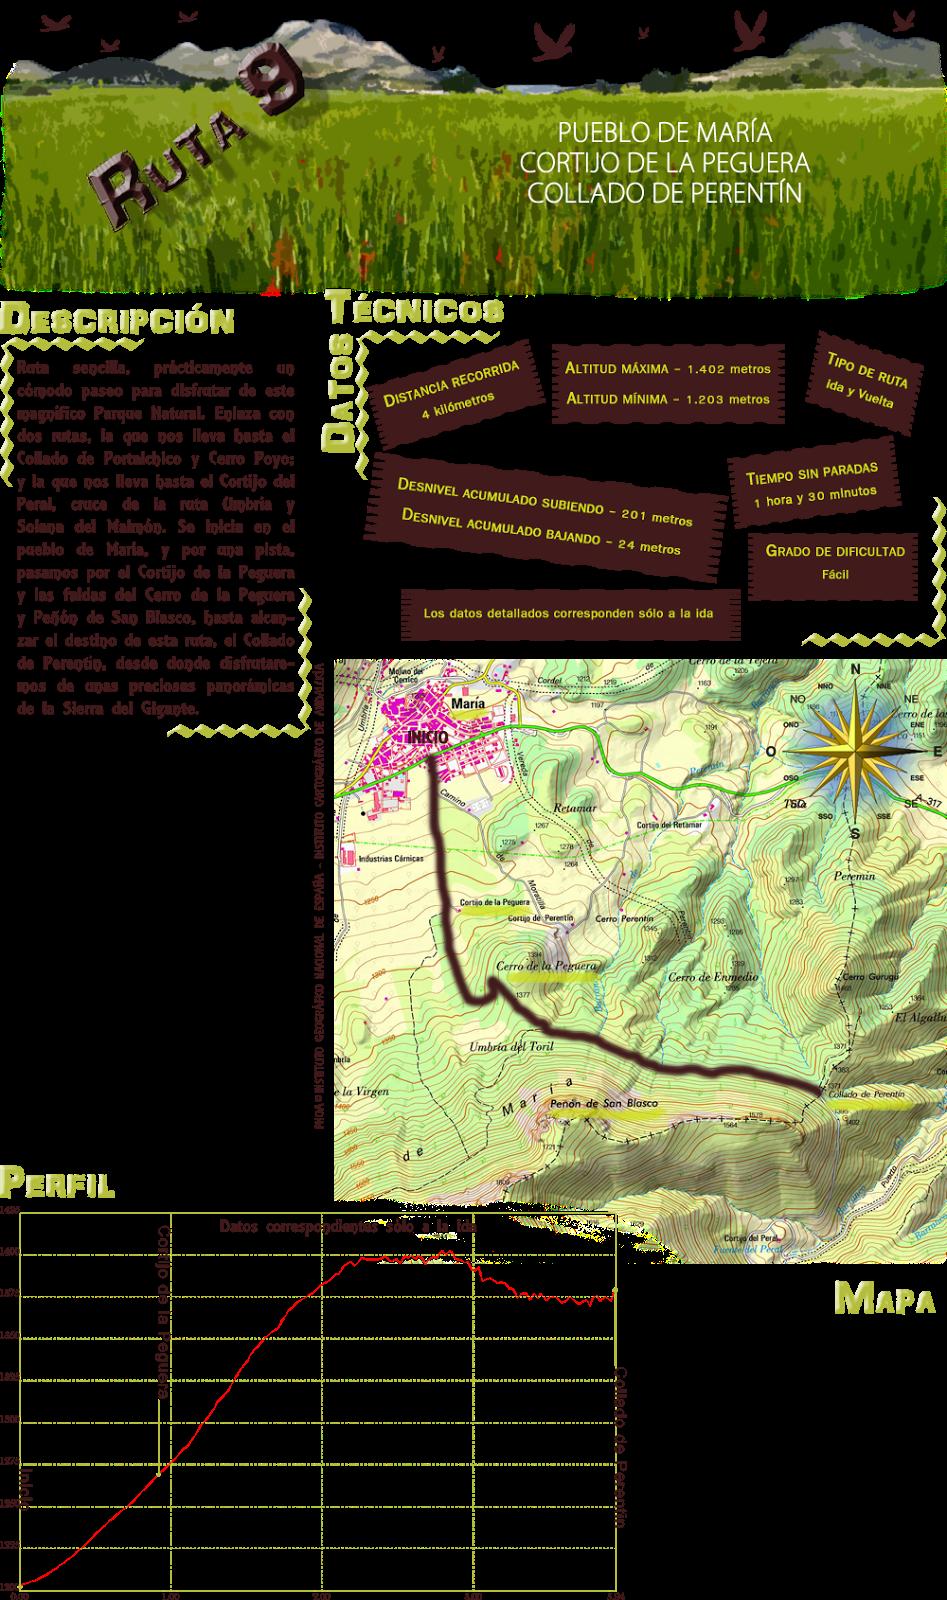 Ruta 9: Descripcion y datos tecnicos